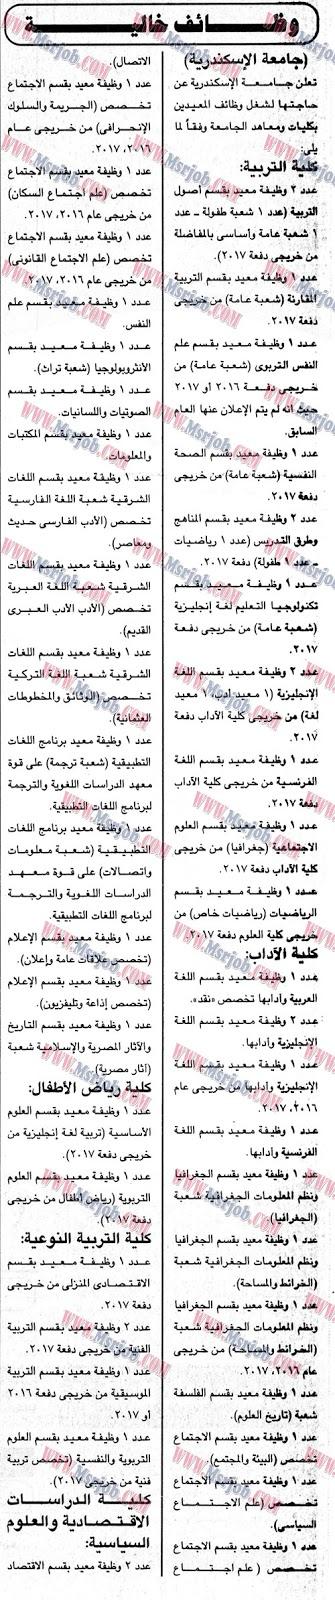 اعلان وظائف جامعة الاسكندرية منشور بالاهرام اليوم 14 / 6 / 2018